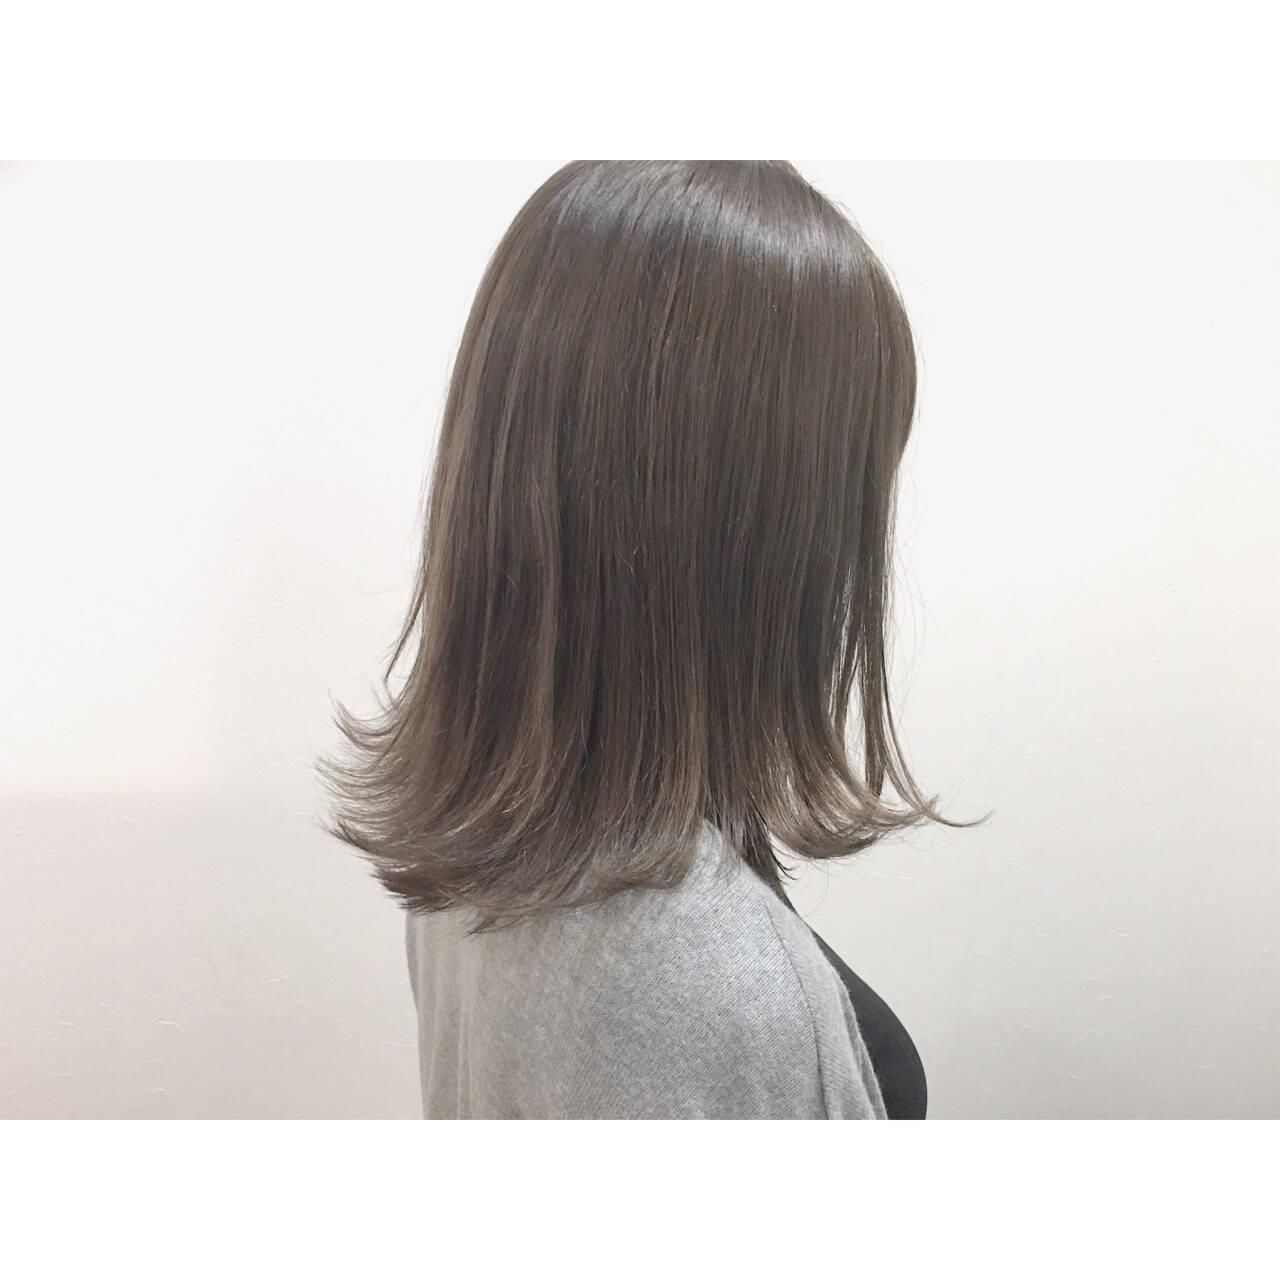 ウェットヘア ハイライト ボブ ナチュラルヘアスタイルや髪型の写真・画像